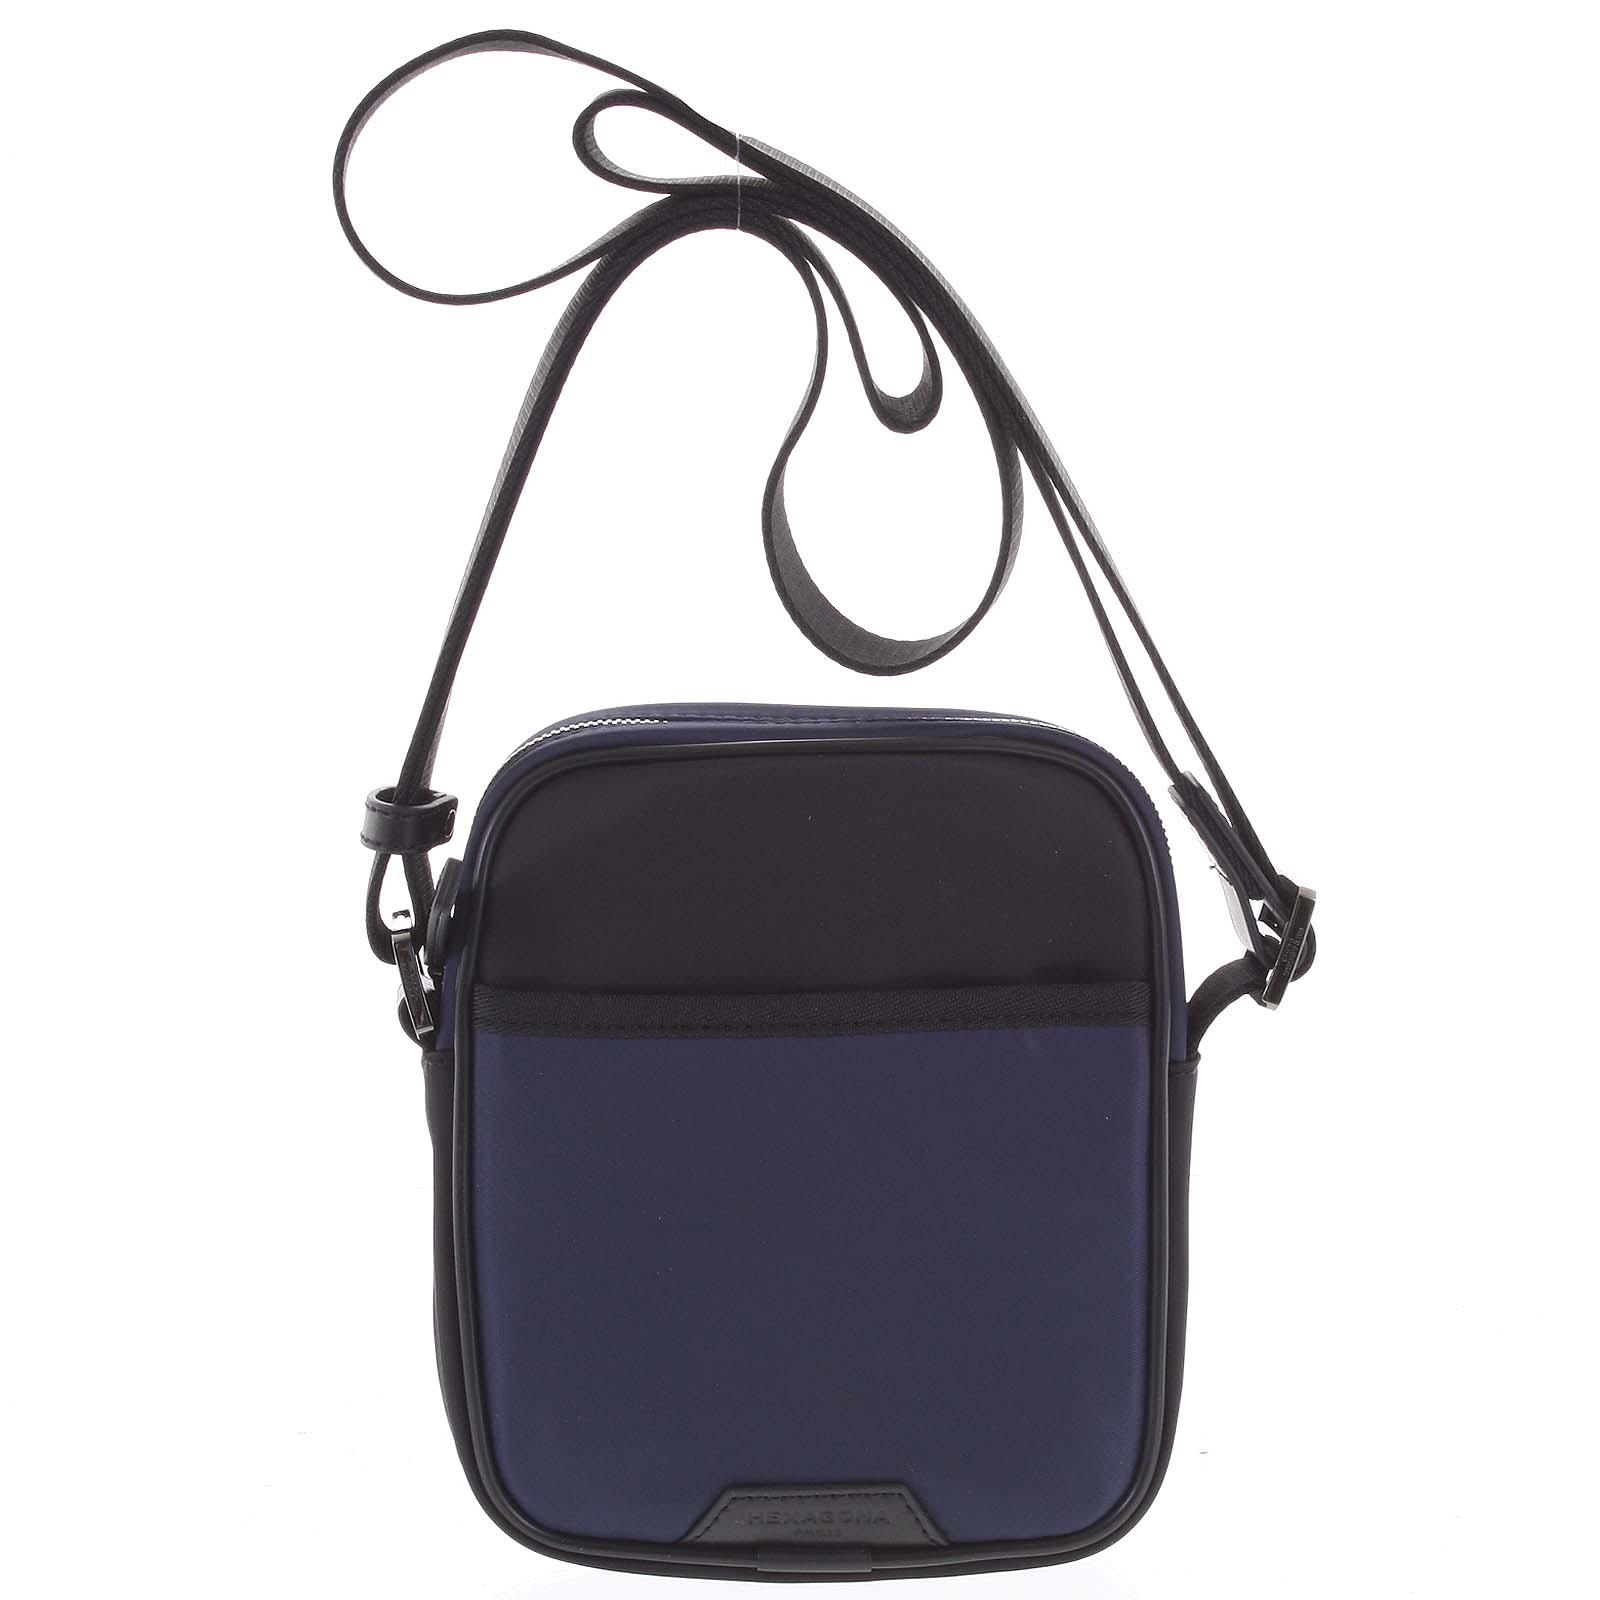 Malá pánska crossbody taška modro čierna - Hexagona Arga